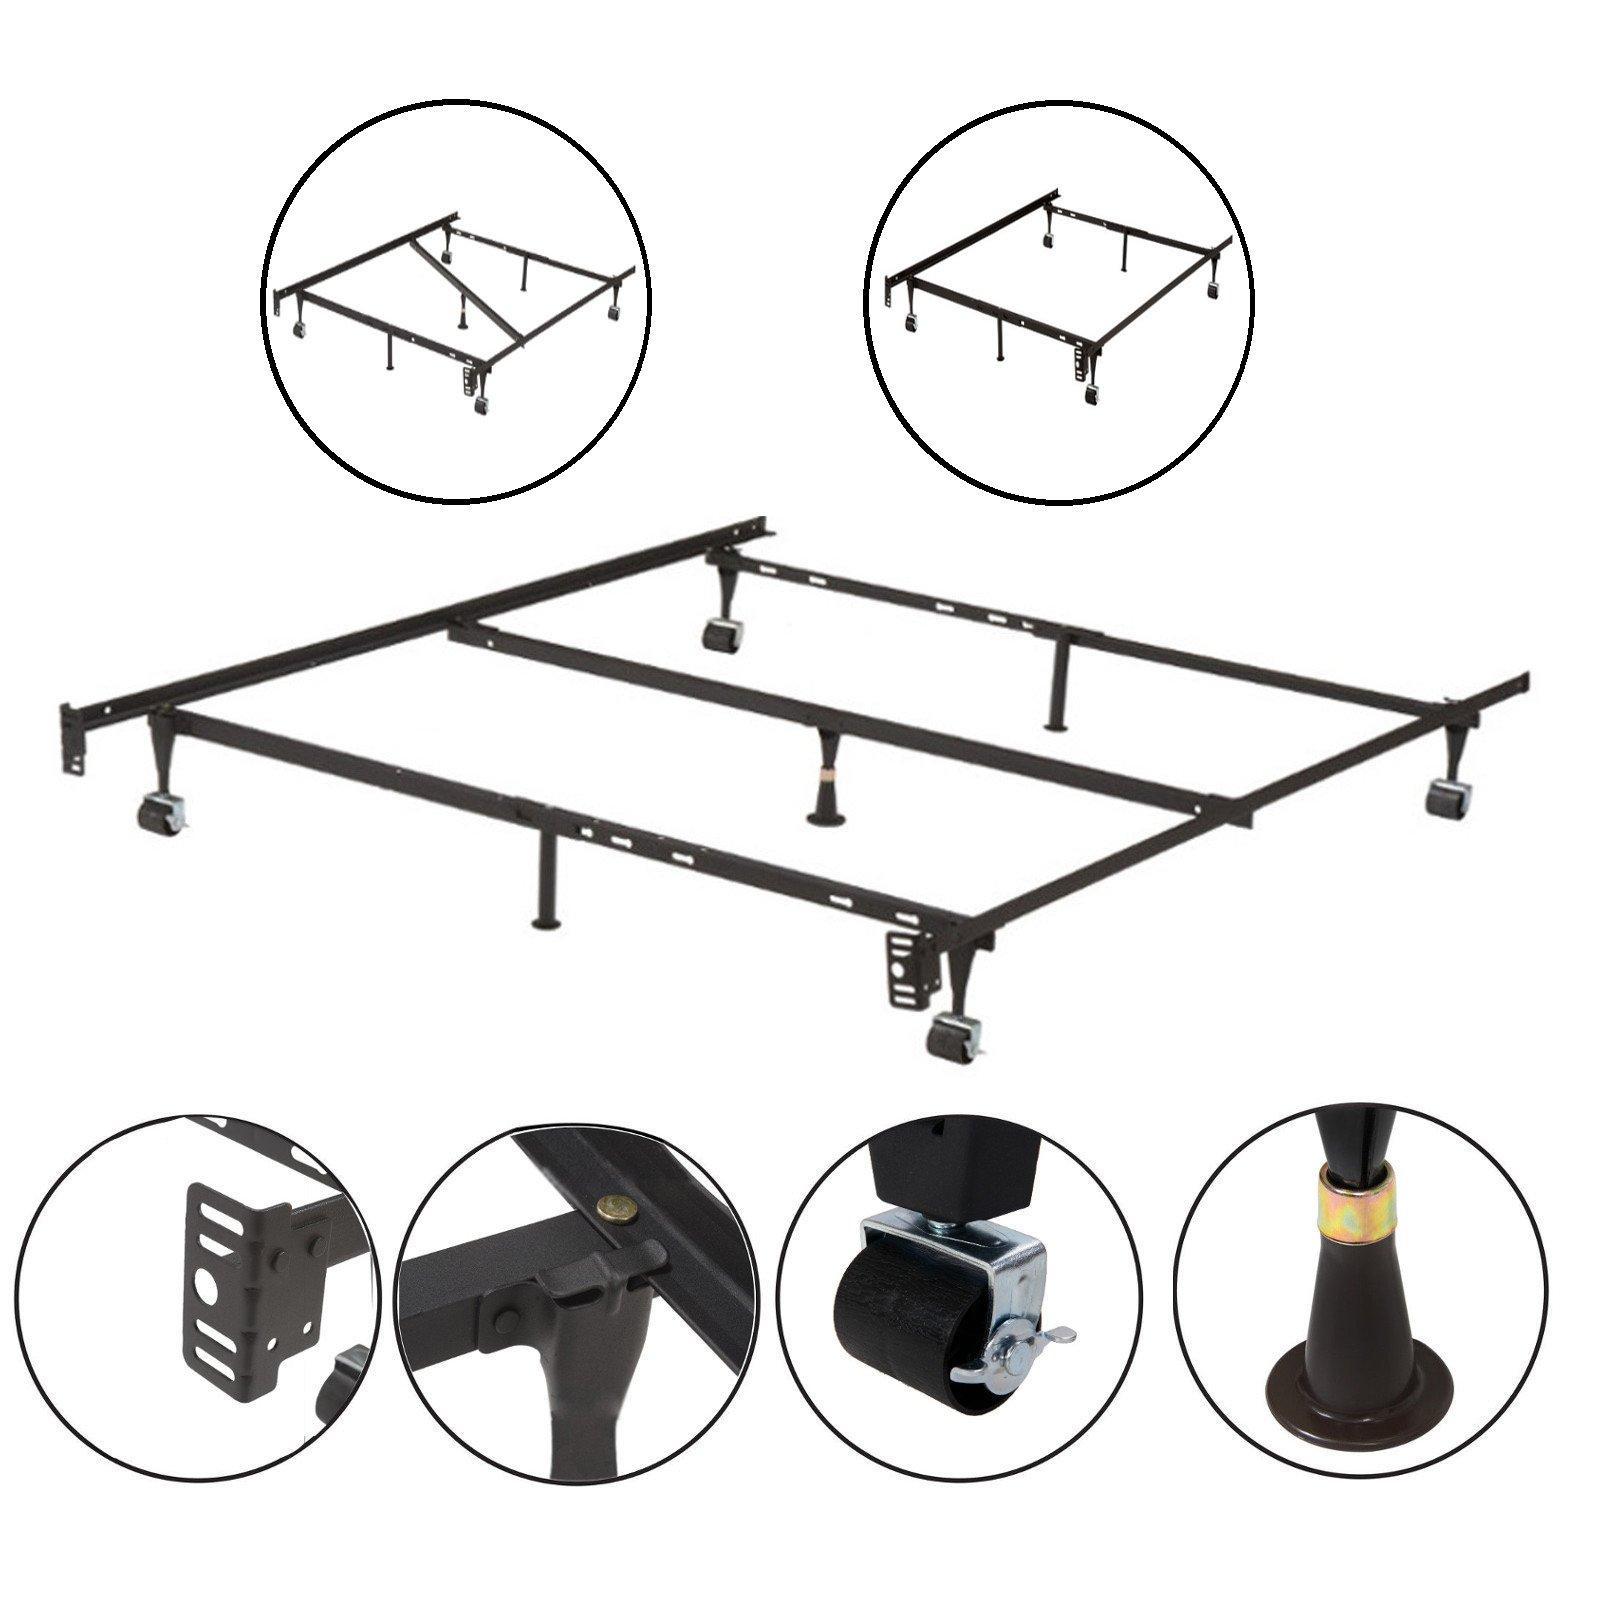 kings brand furniture adjustable metal bed frame bedding parts accessories new ebay. Black Bedroom Furniture Sets. Home Design Ideas